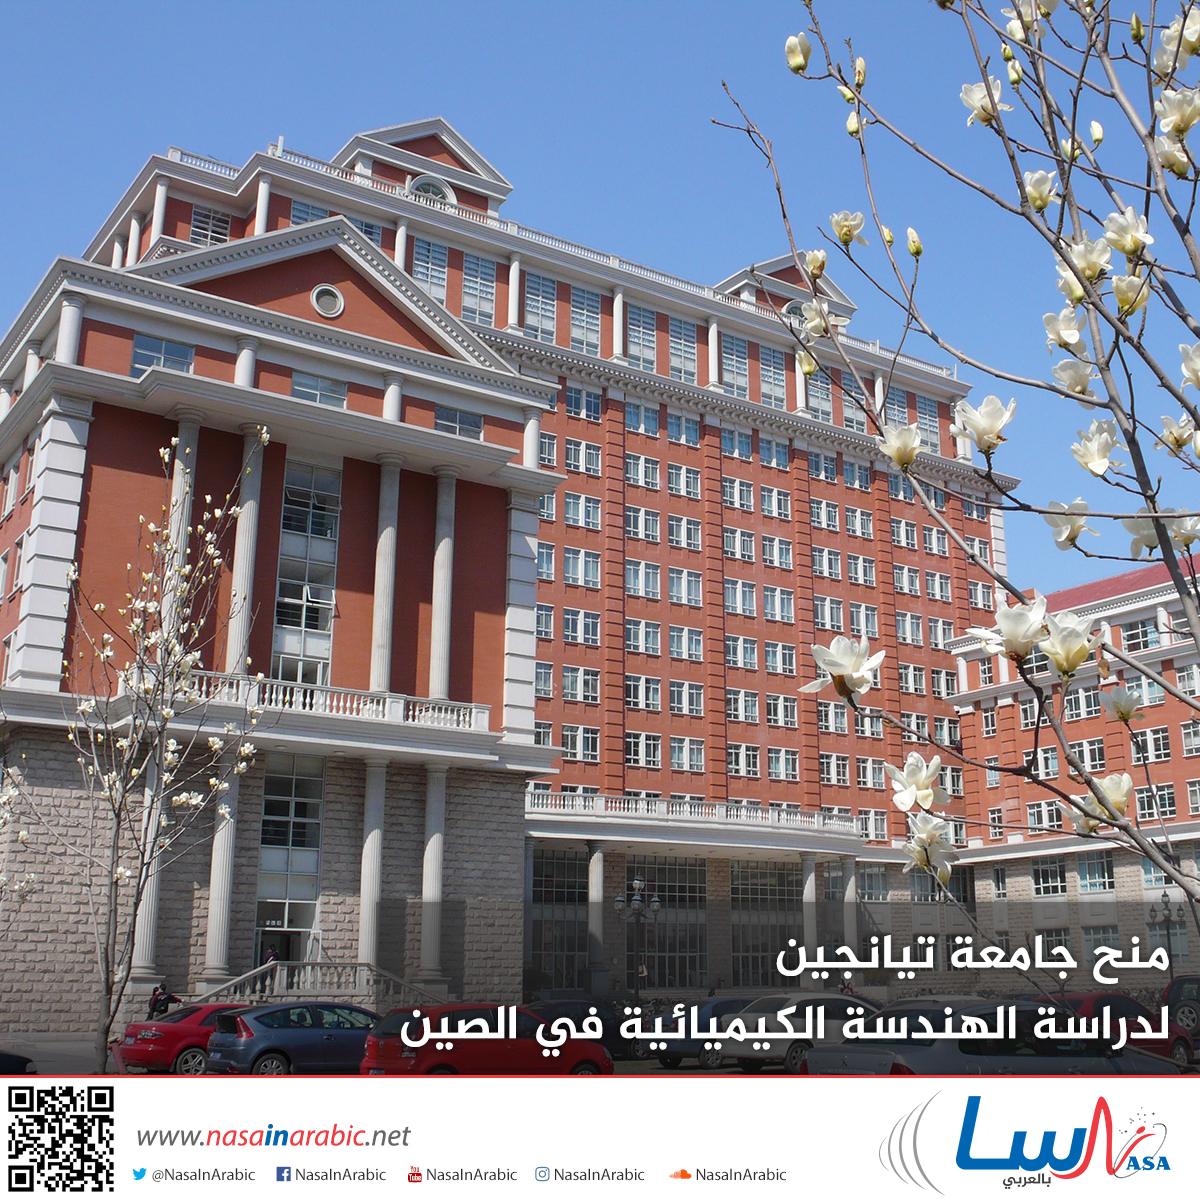 منح جامعة تيانجين لدراسة الهندسة الكيميائية في الصين